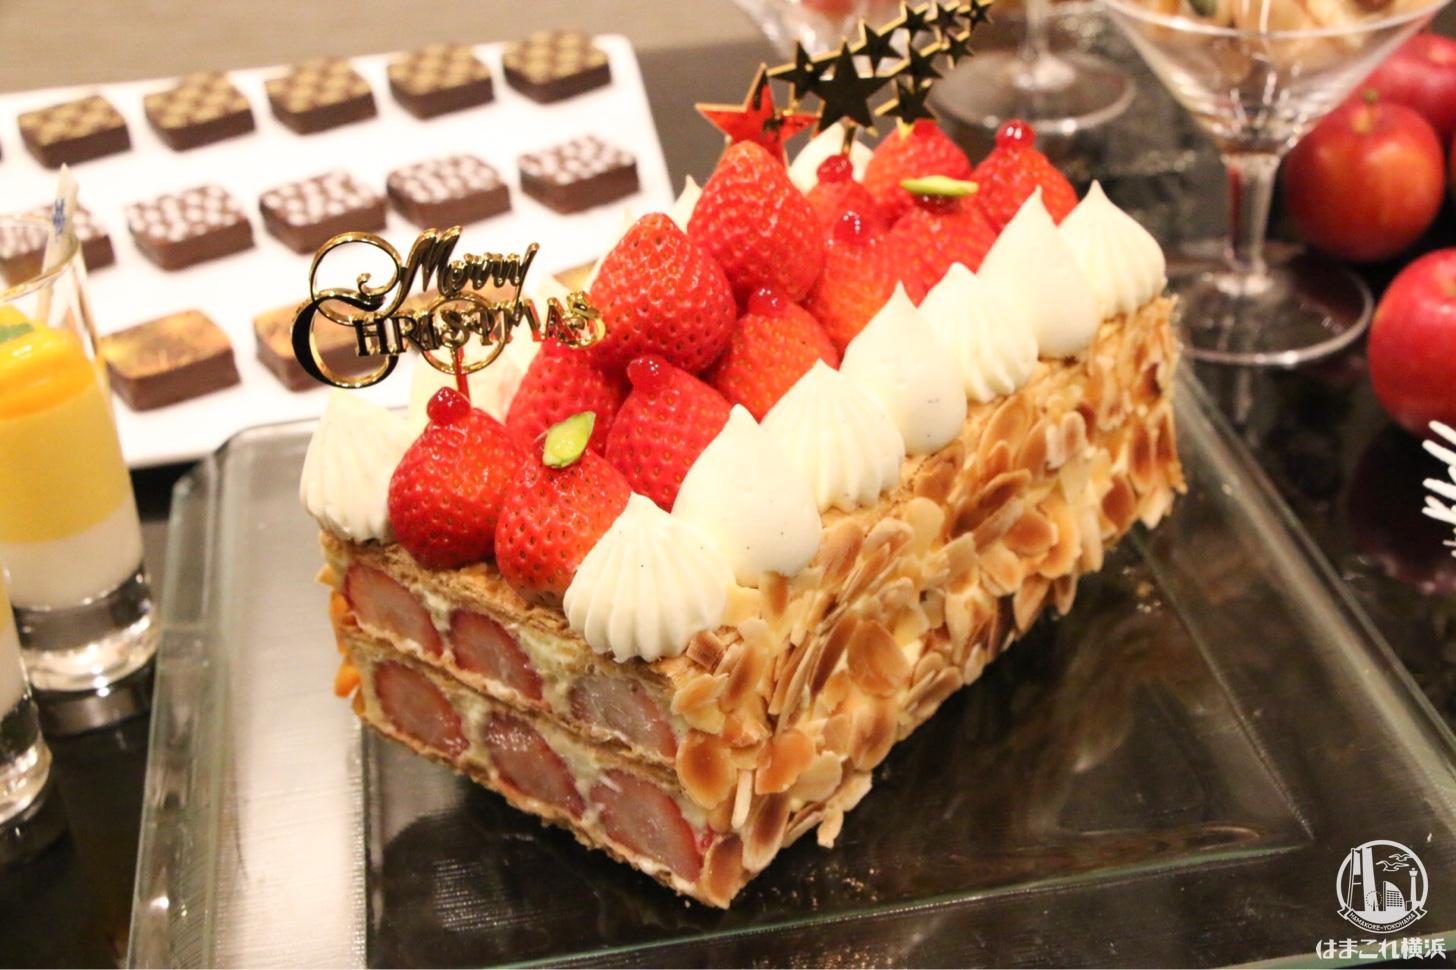 横浜ベイシェラトン ホテル、リース型やナポレオンなどクリスマスケーキお披露目!